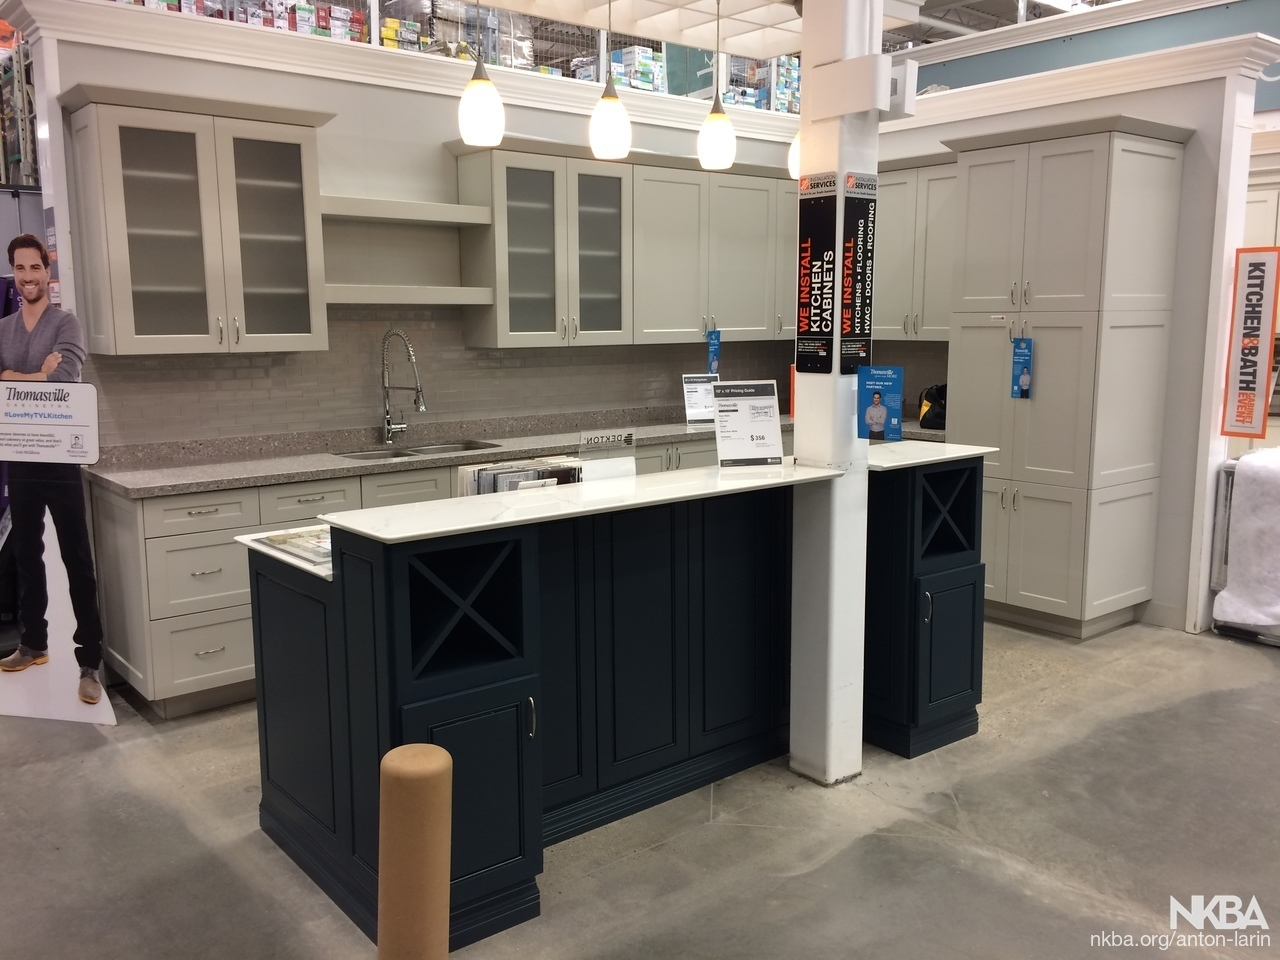 Thomasville Nouveau kitchen - NKBA